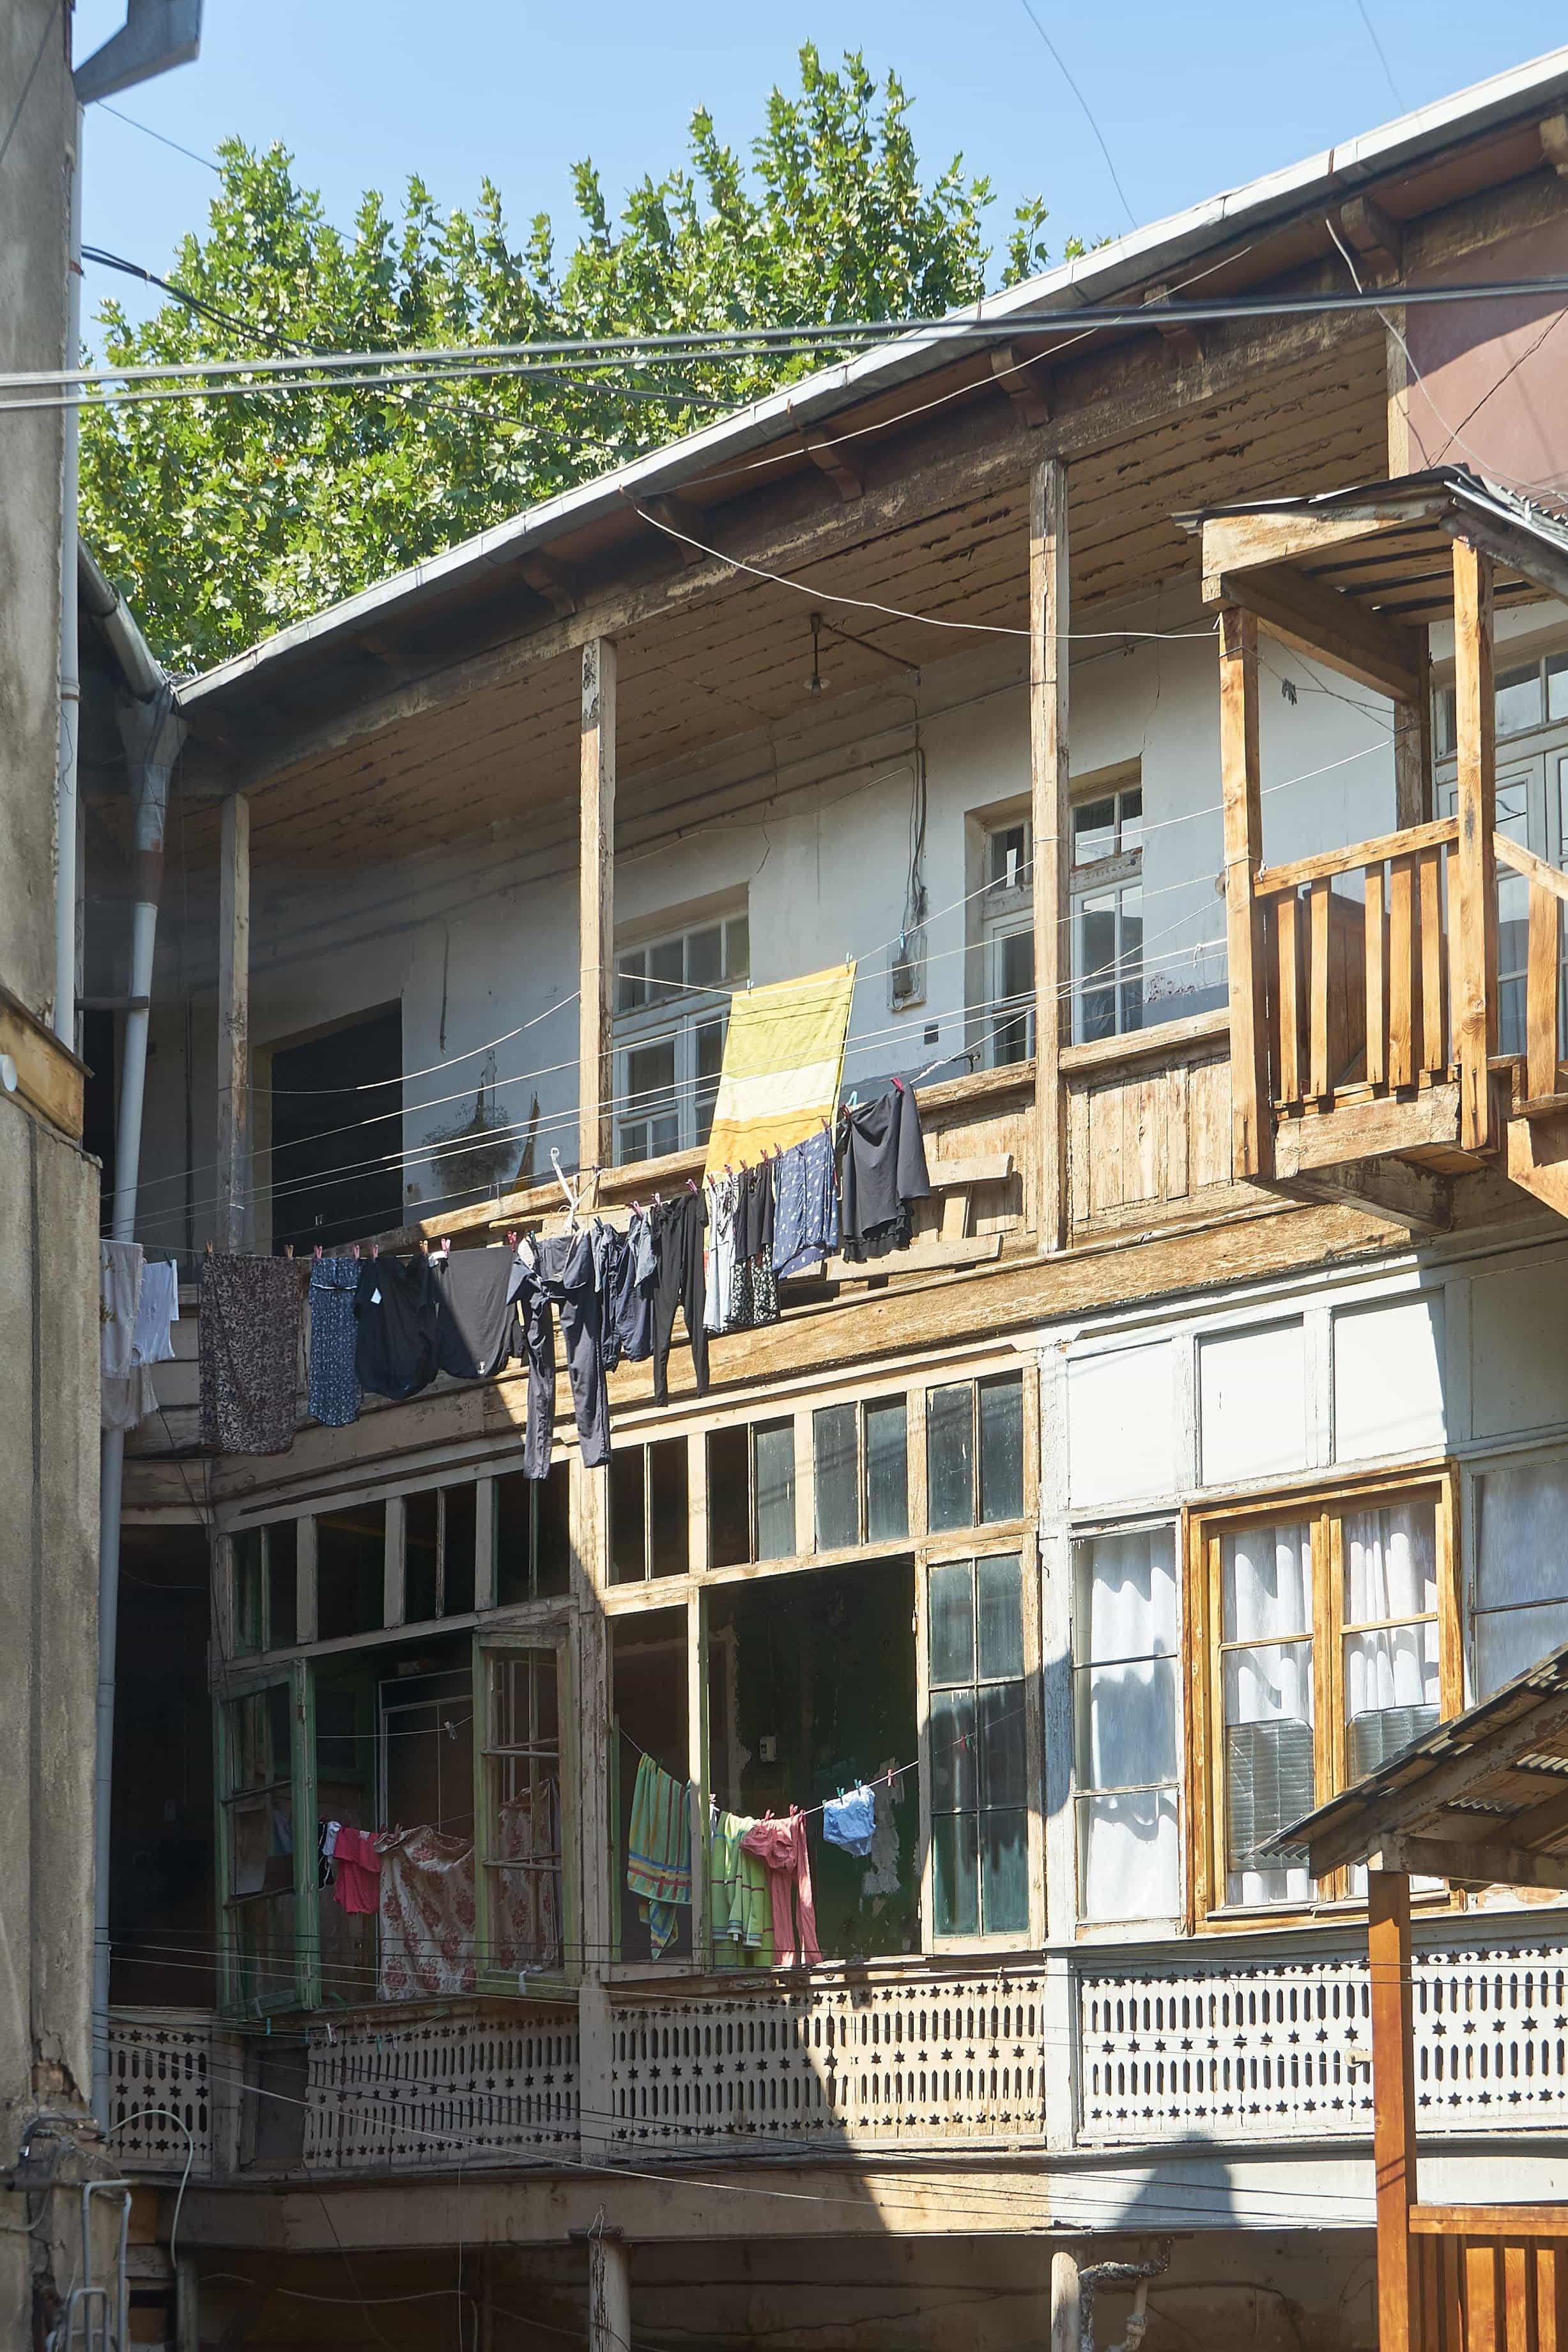 Hinterhöfe in der Altstadt von Tiflis